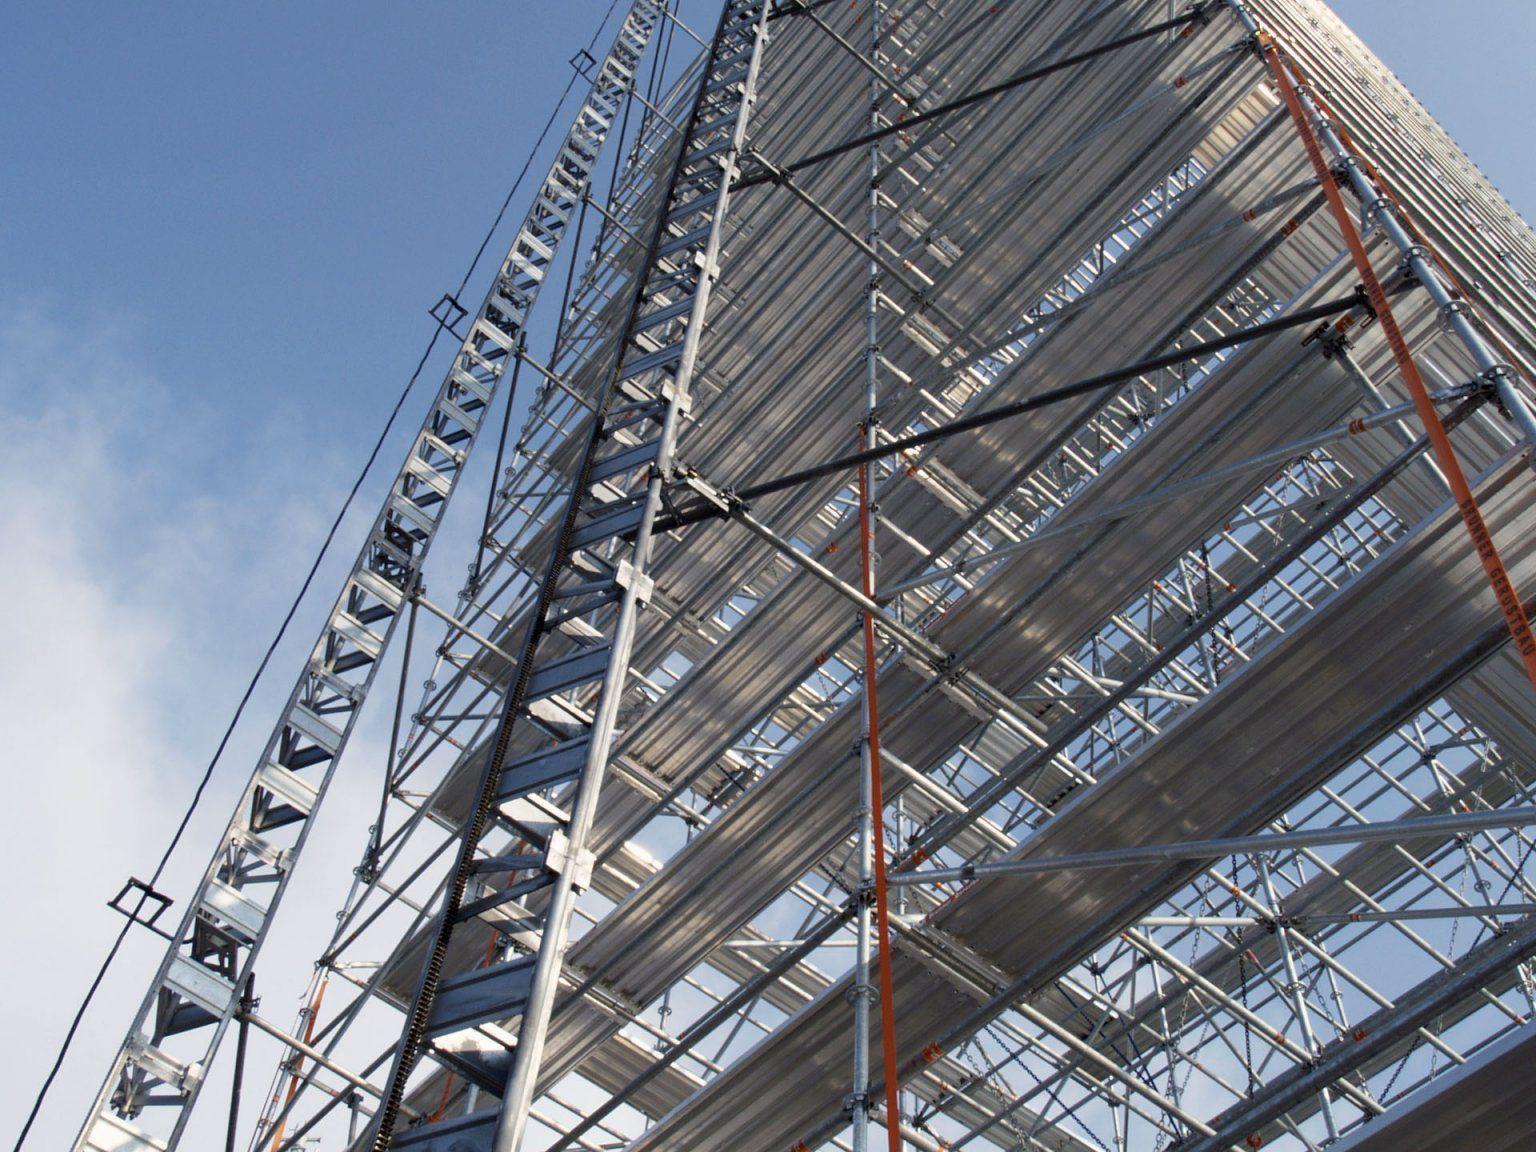 Attraktion beim Jubiläumsfest – ein 30 Meter hoher Aussichtsturm.